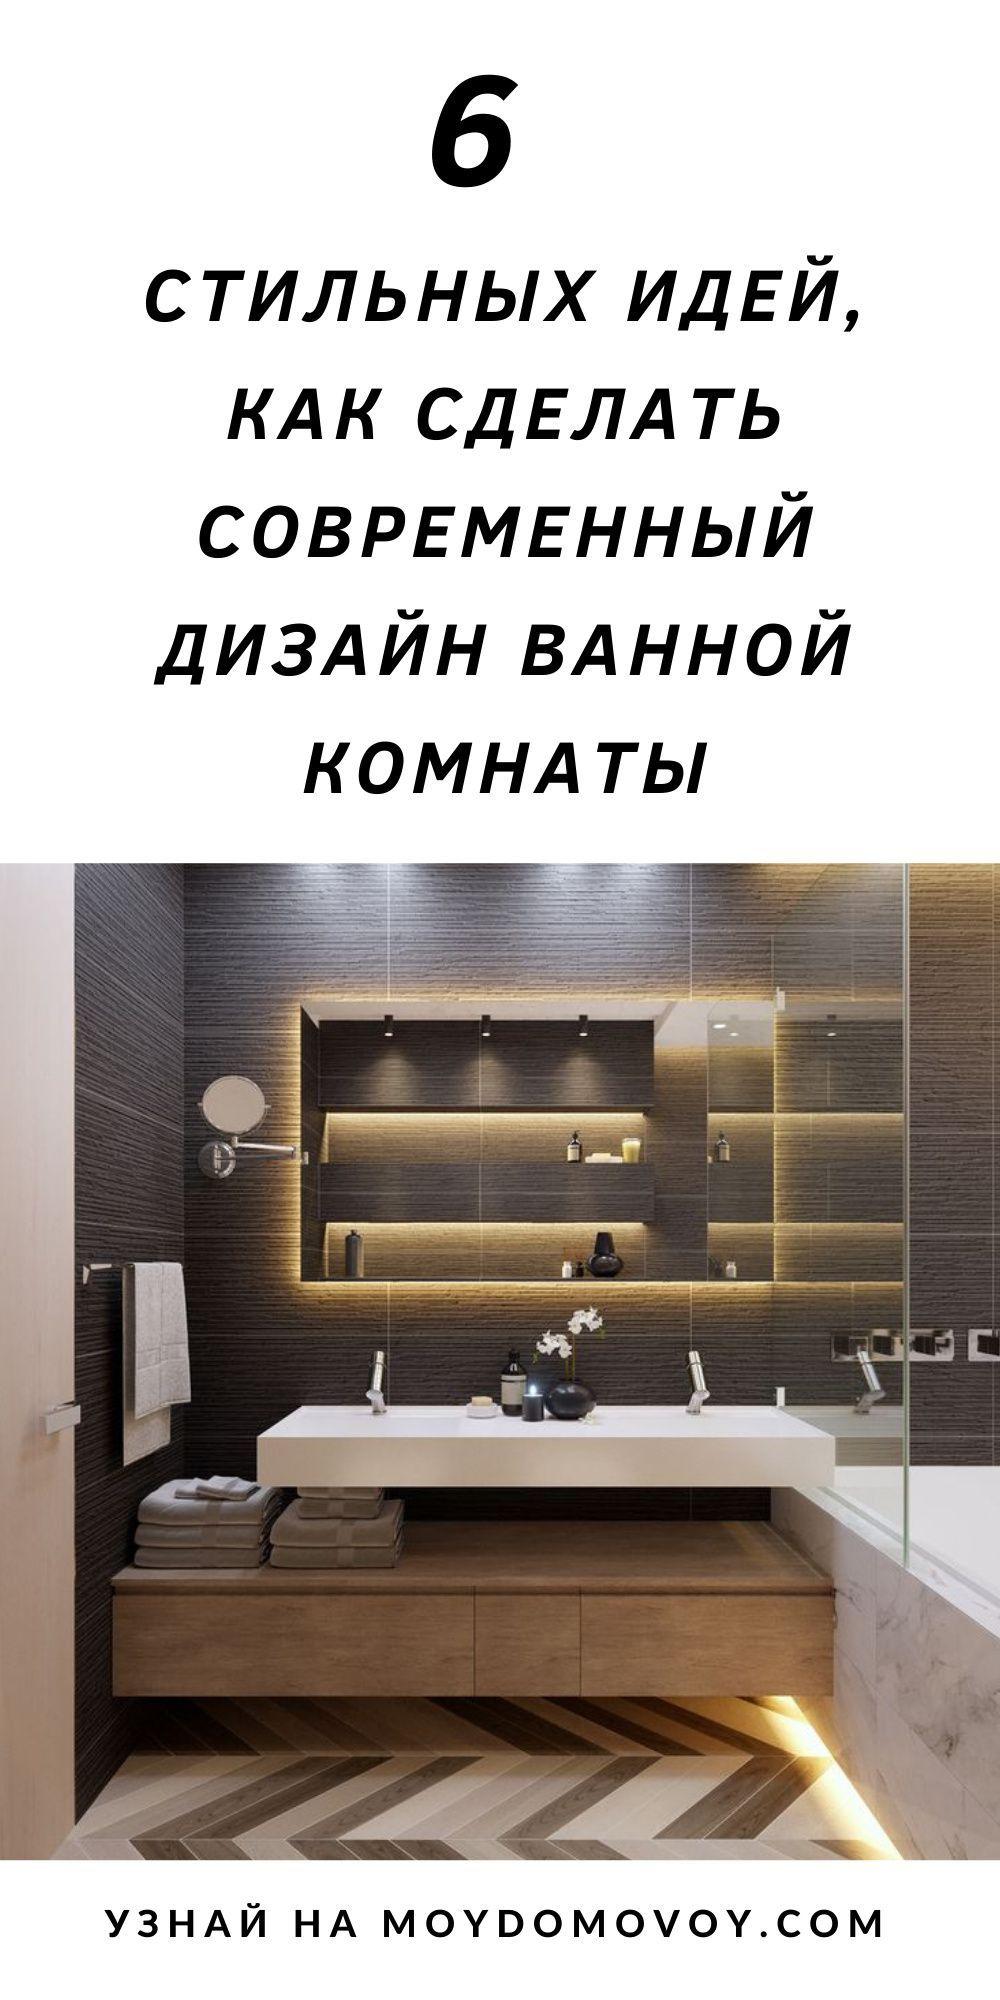 Photo of 6 стильных идей, как сделать современный дизайн ванной комнаты | Домовой